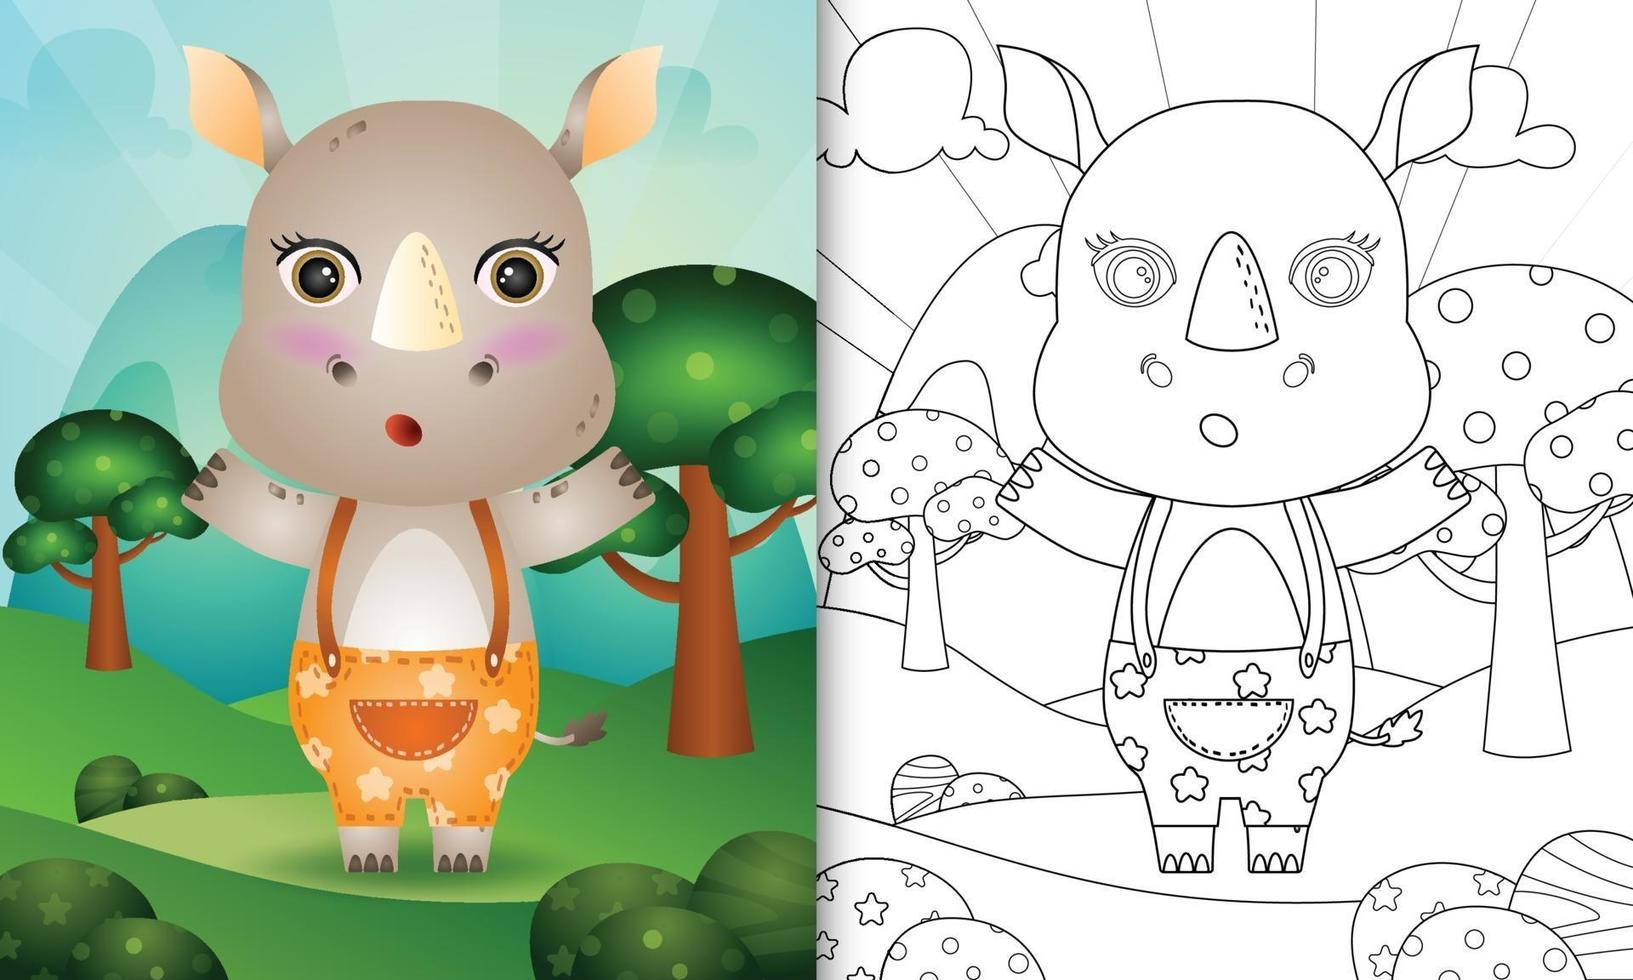 modello di libro da colorare per bambini con un simpatico personaggio di rinoceronte vettore